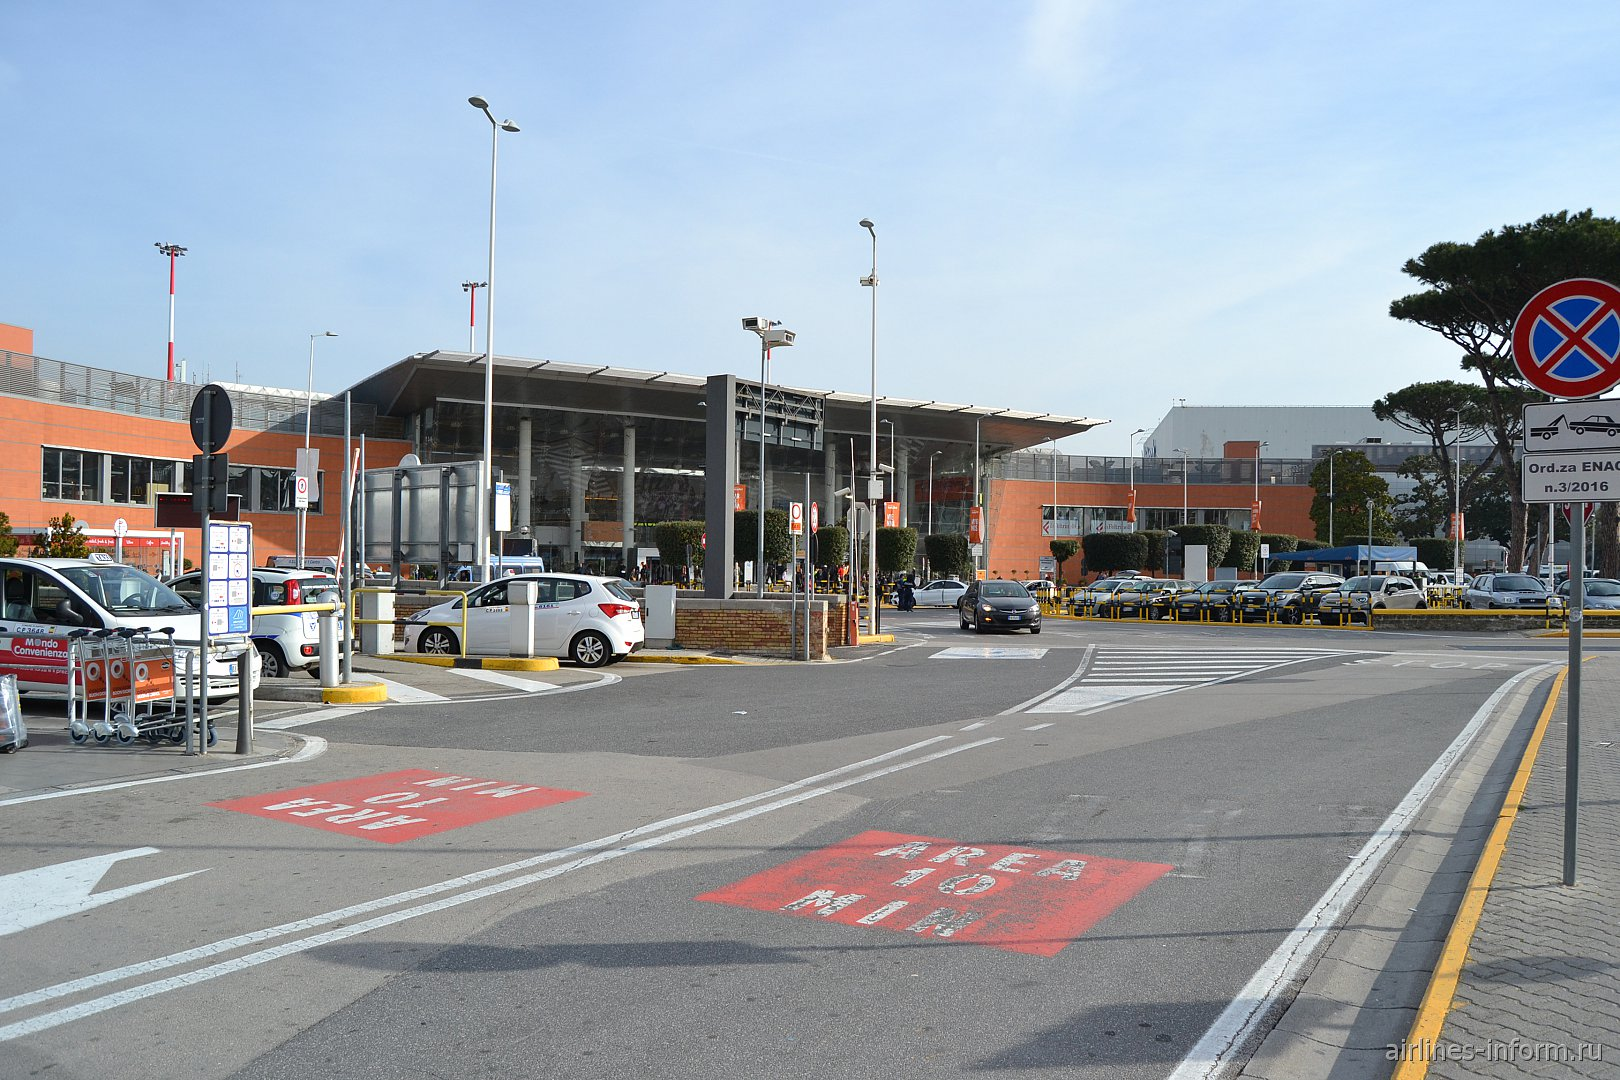 Пассажирский терминал аэропорта Неаполь